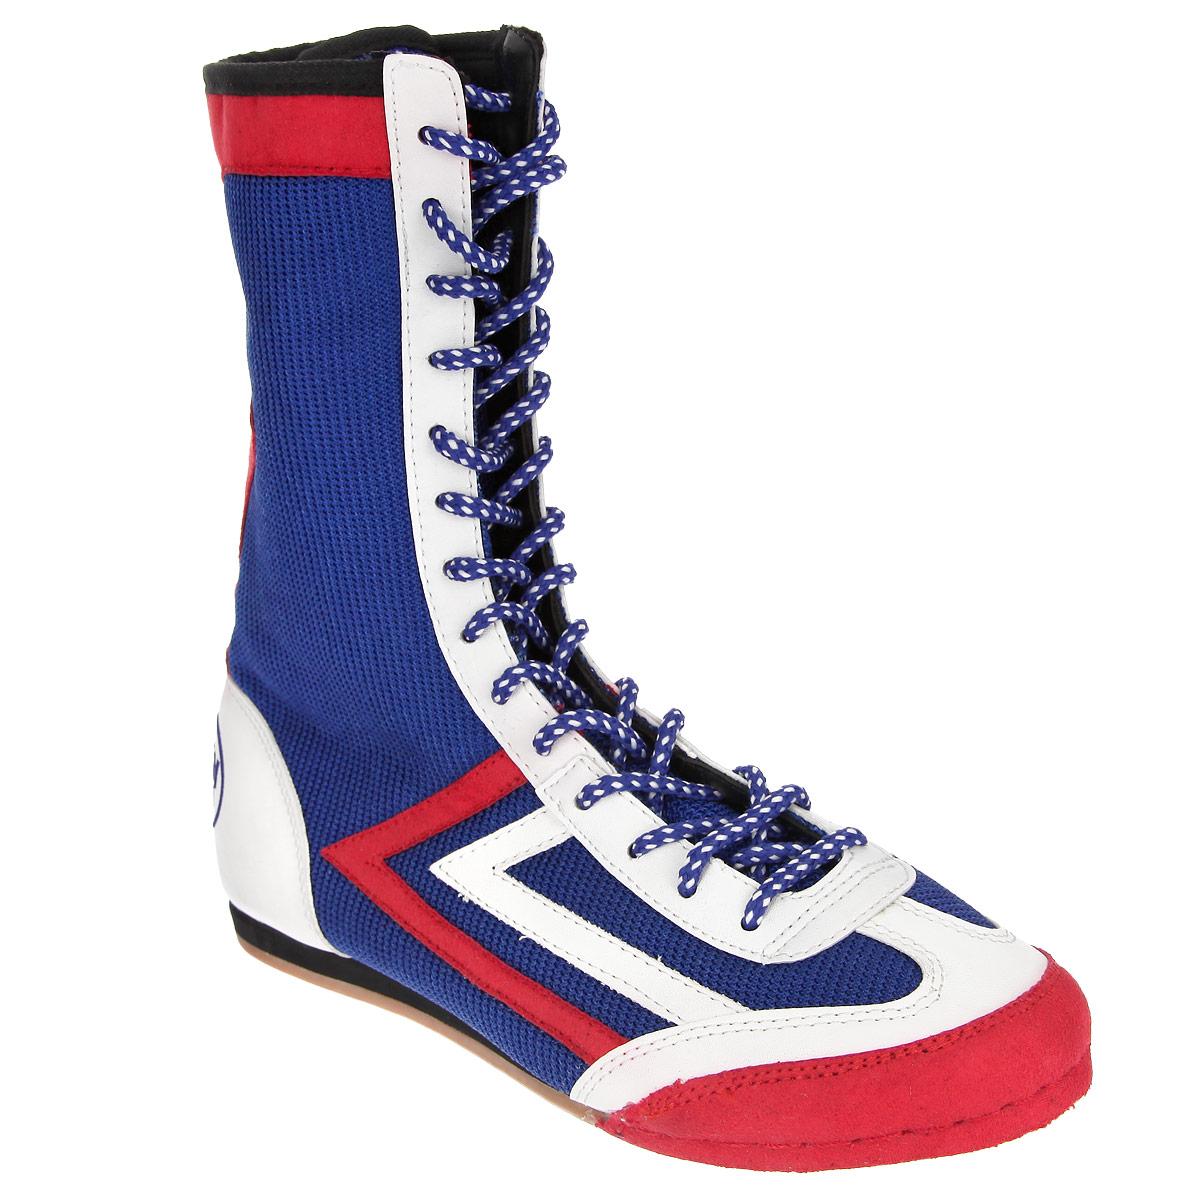 Боксерки Green Hill, цвет: синий. BS-5076a. Размер 37BS-5076Классическиебоксерки от Green Hill предназначены для занятий боксом. Модель, выполненная из дышащего текстиля со вставками из искусственной кожи и замши, оформлена названием бренда. Уплотненный задник и шнуровка обеспечивают надежную фиксацию обуви на ноге. Высокое голенище - для дополнительной защиты от ударов. Подошва с противоскользящим рифлением гарантирует идеальное сцепление с любой поверхностью. Стелька EVA с текстильной поверхностью обеспечивает превосходную амортизацию и комфорт.В таких боксерках вашим ногам будет максимально комфортно.